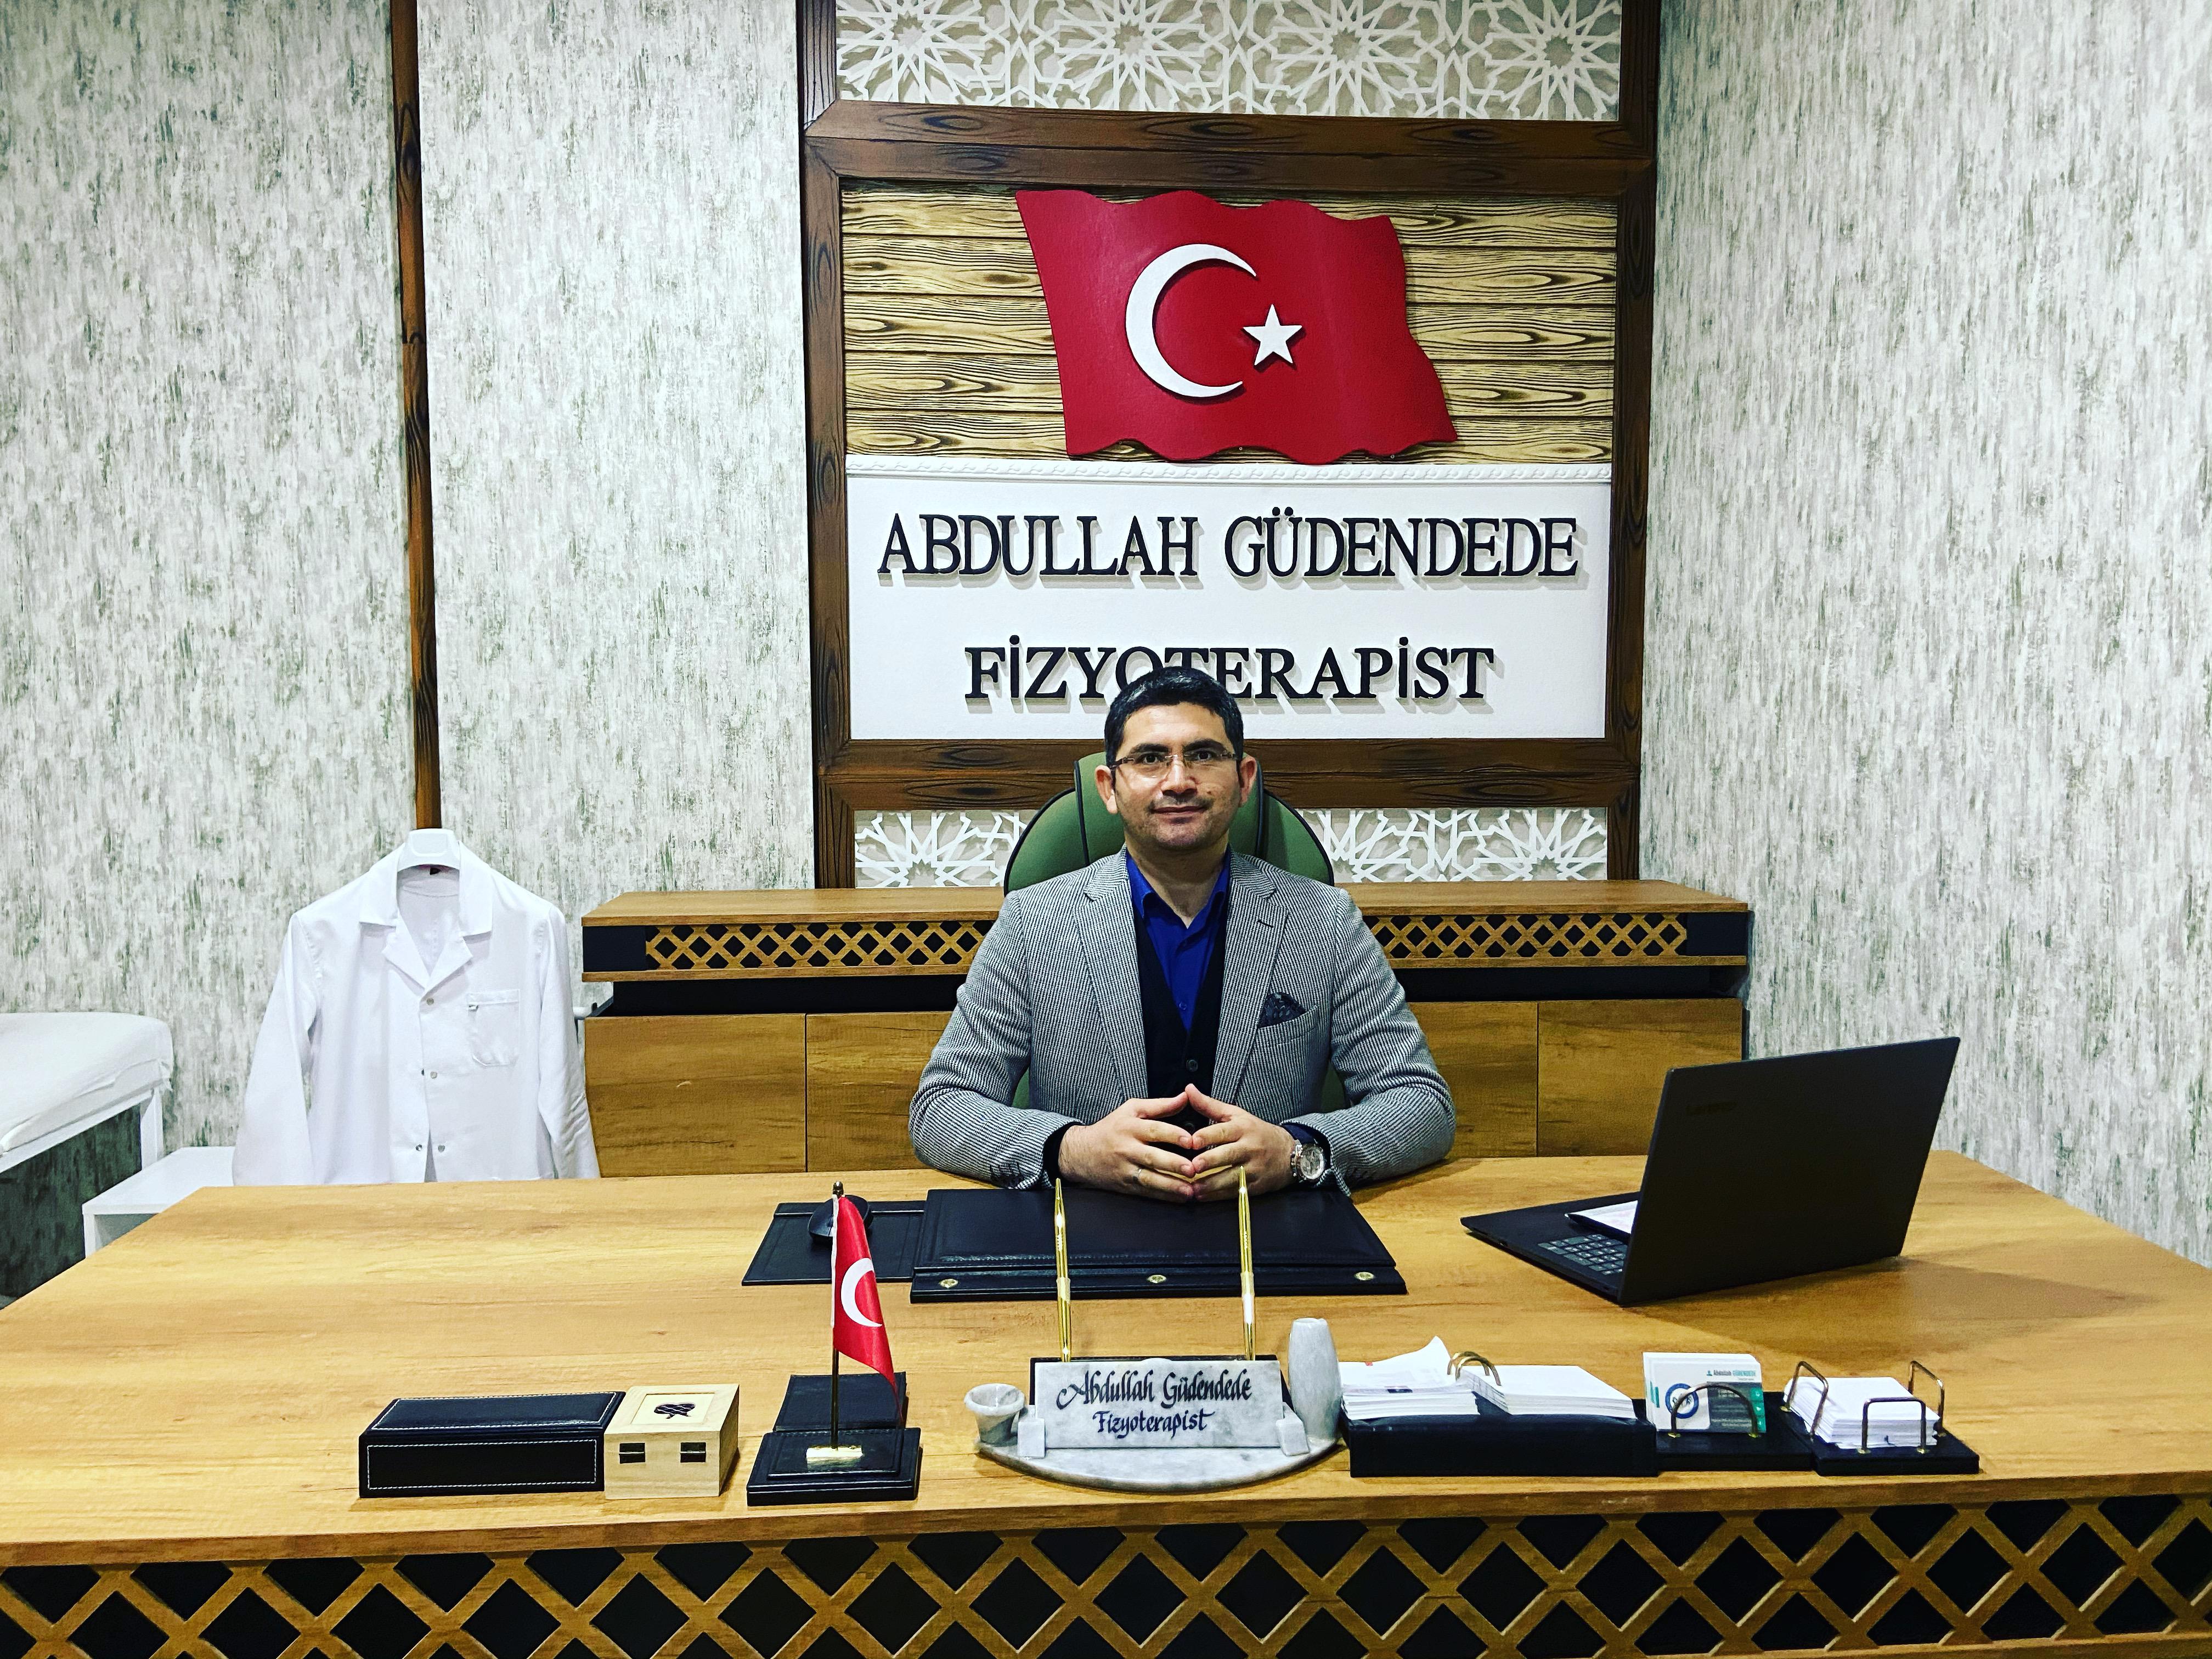 Basın açıklaması, ünlü fizyoterapist Abdullah Güdendede